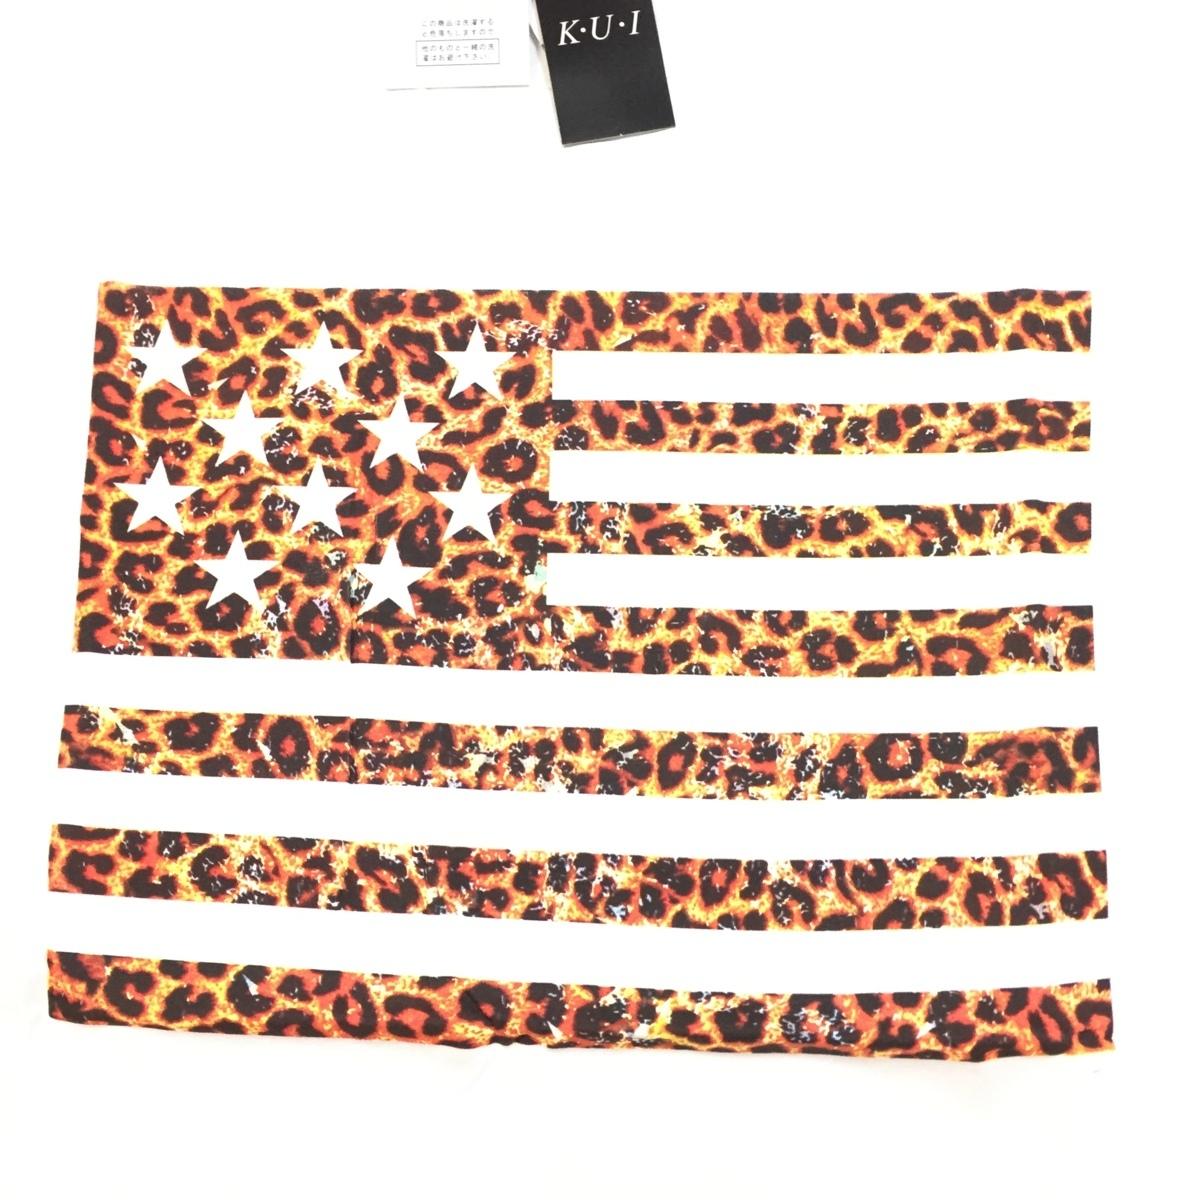 【卸売り】2枚セット メーカー希望小売価格¥3,190 新品 レオパード ヒョウ柄 星条旗 Tシャツ Lサイズ アメカジ ビター系_画像7